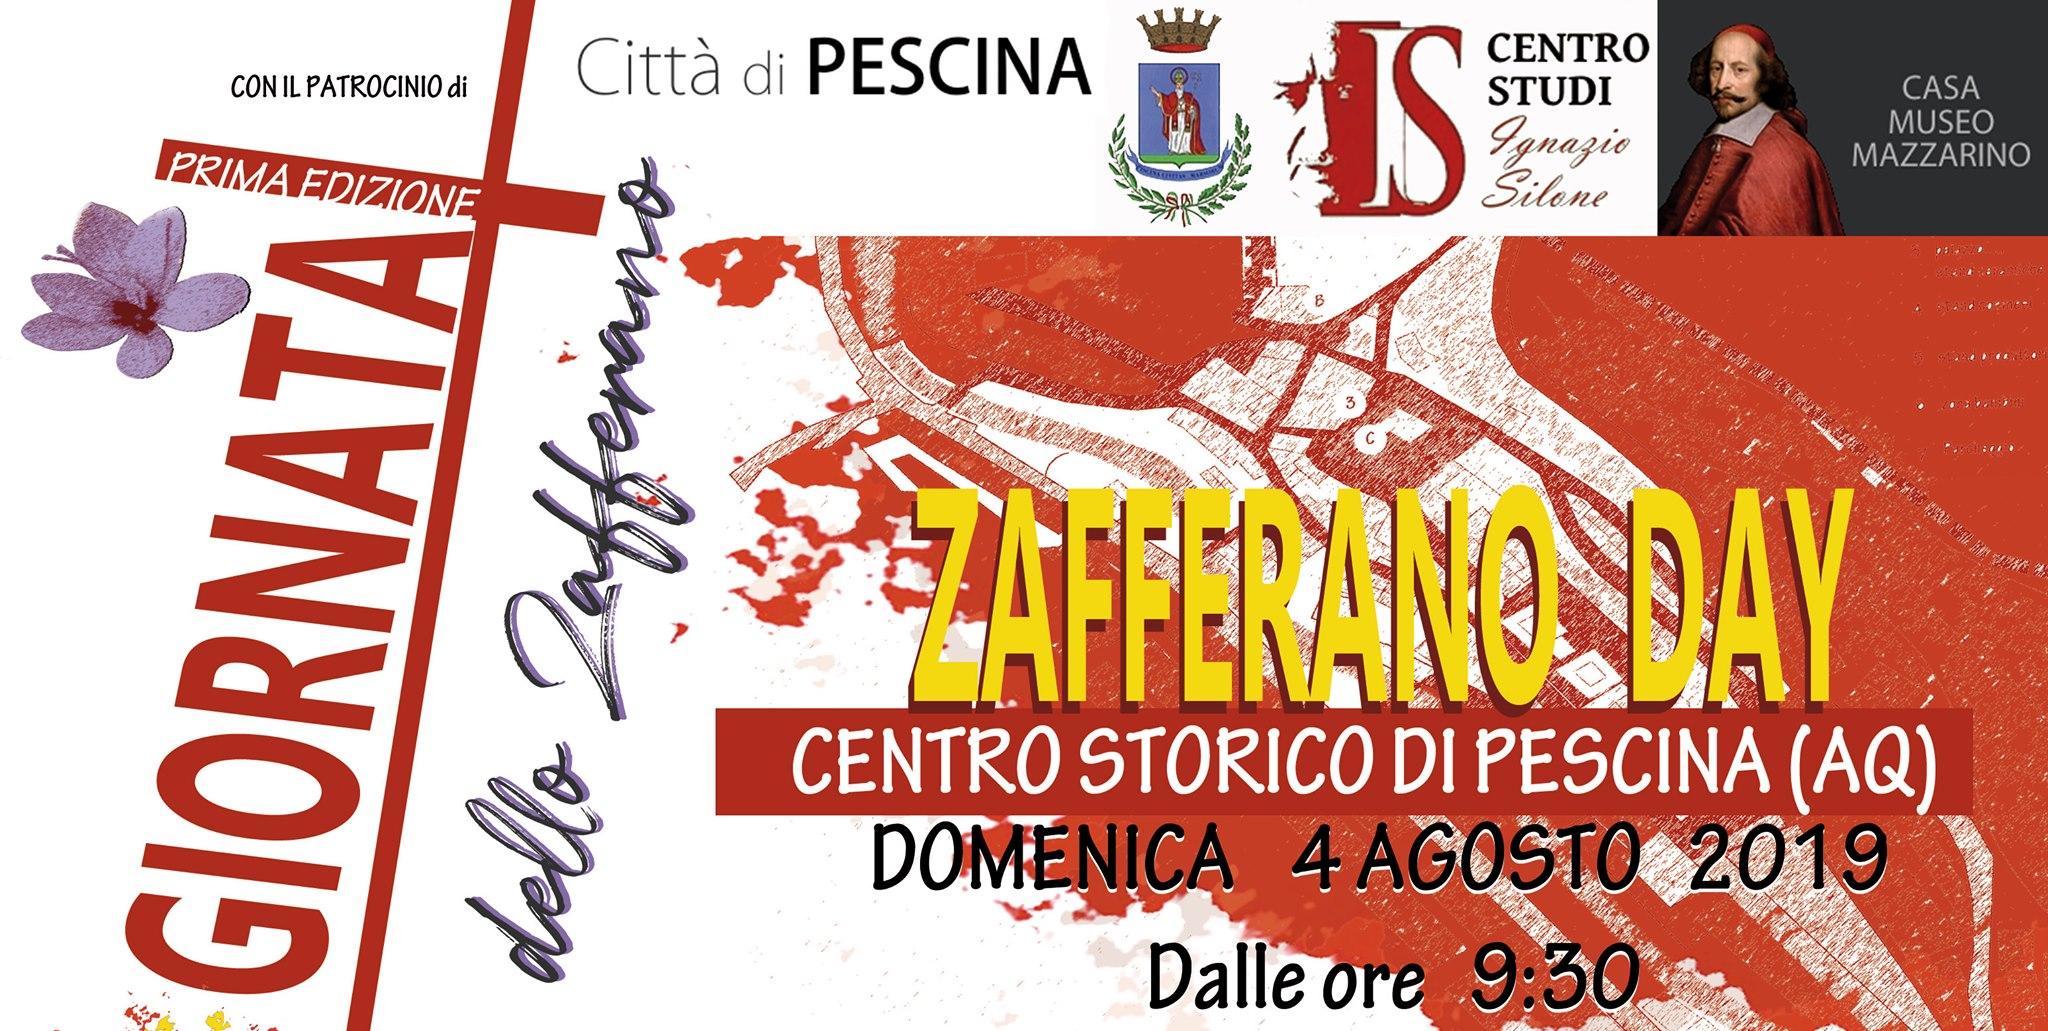 Zafferano Day a Pescina